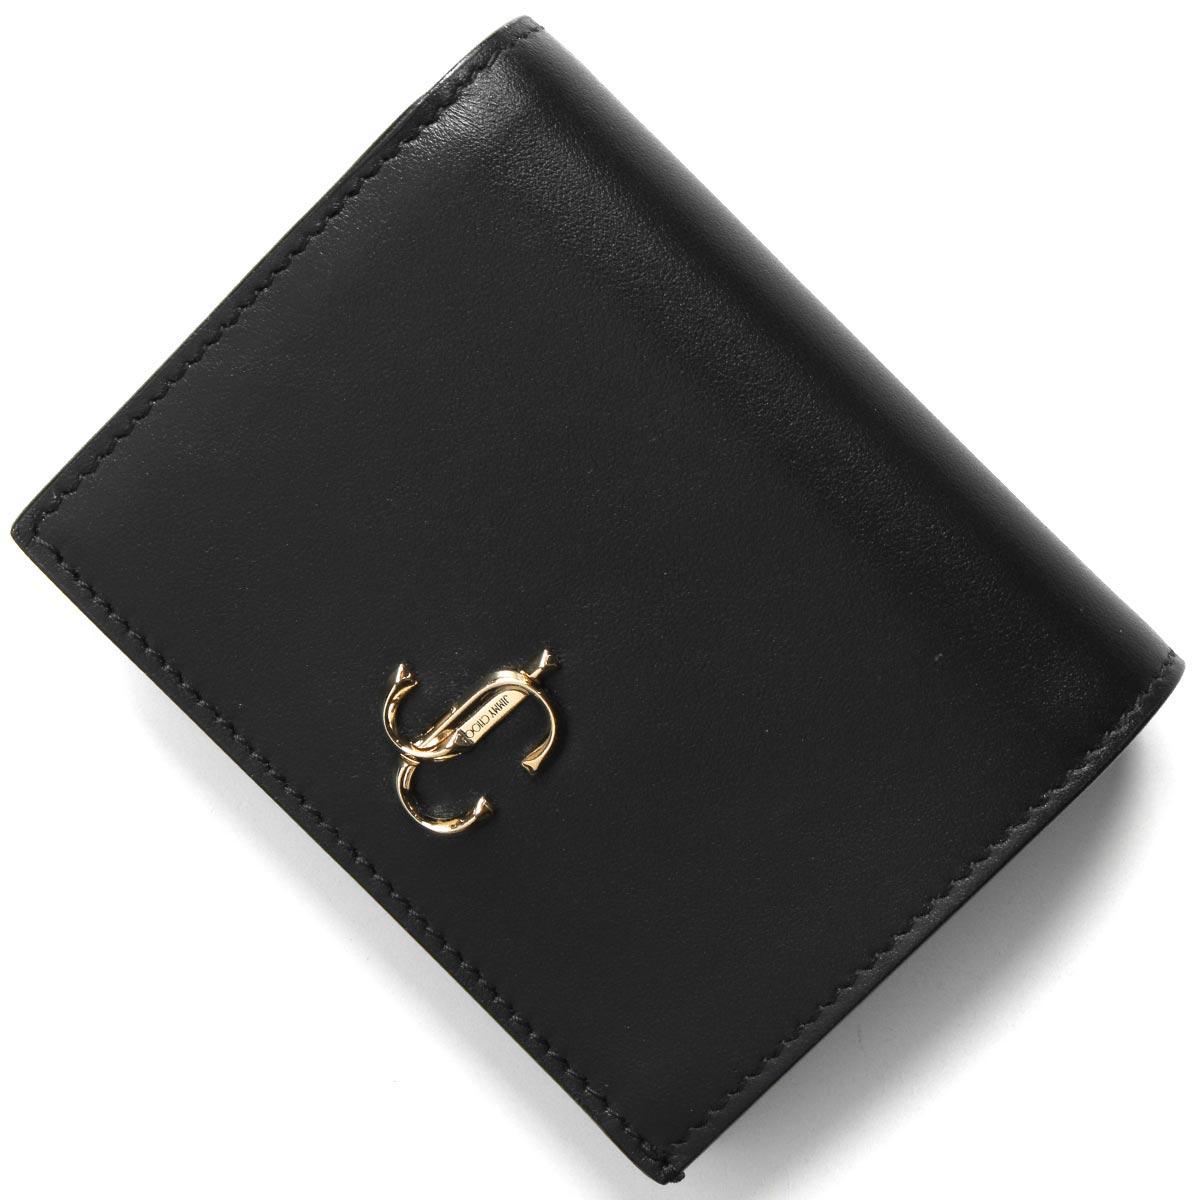 ジミーチュウ 二つ折り財布 財布 レディース ハンネ JCロゴ ブラック HANNE PKR 010003 BLACK JIMMY CHOO